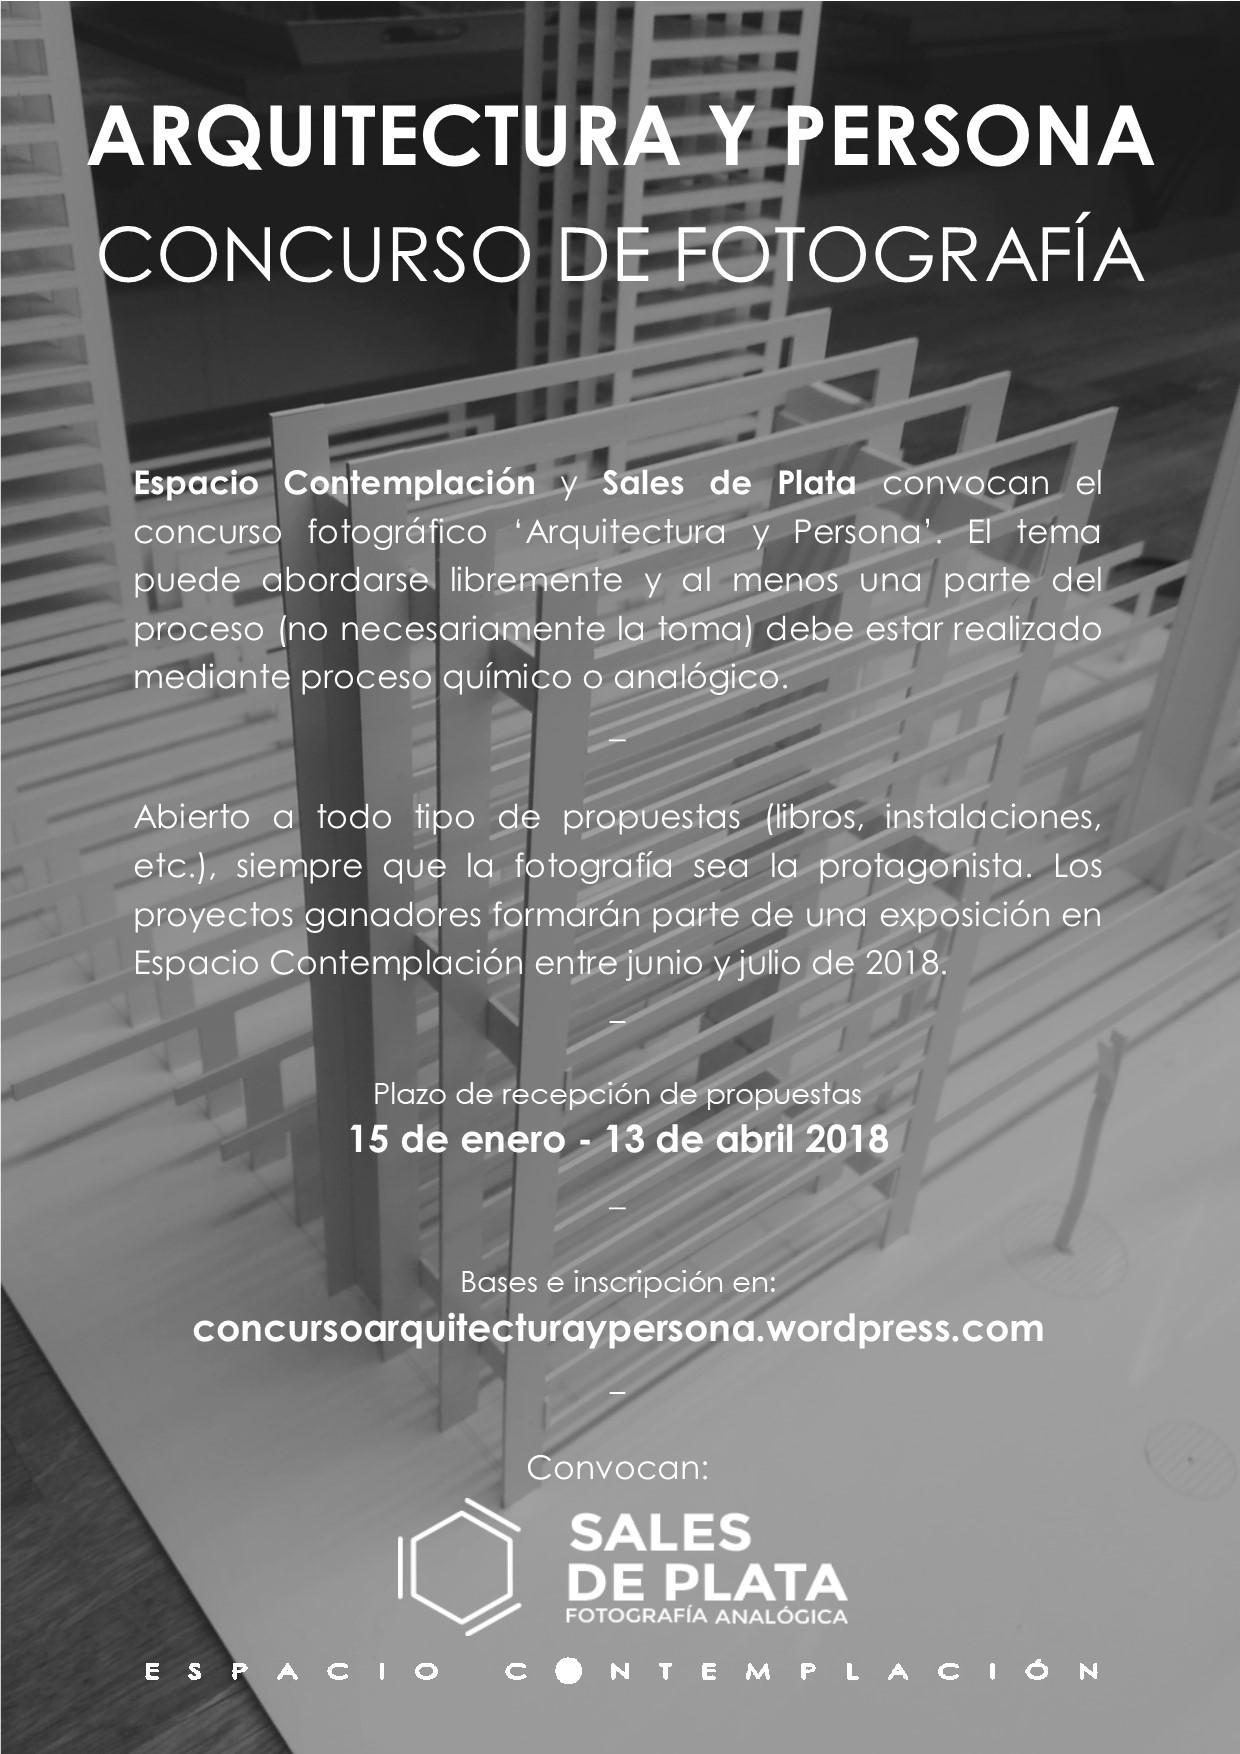 """Concurso de fotografía """"Arquitectura y persona"""""""